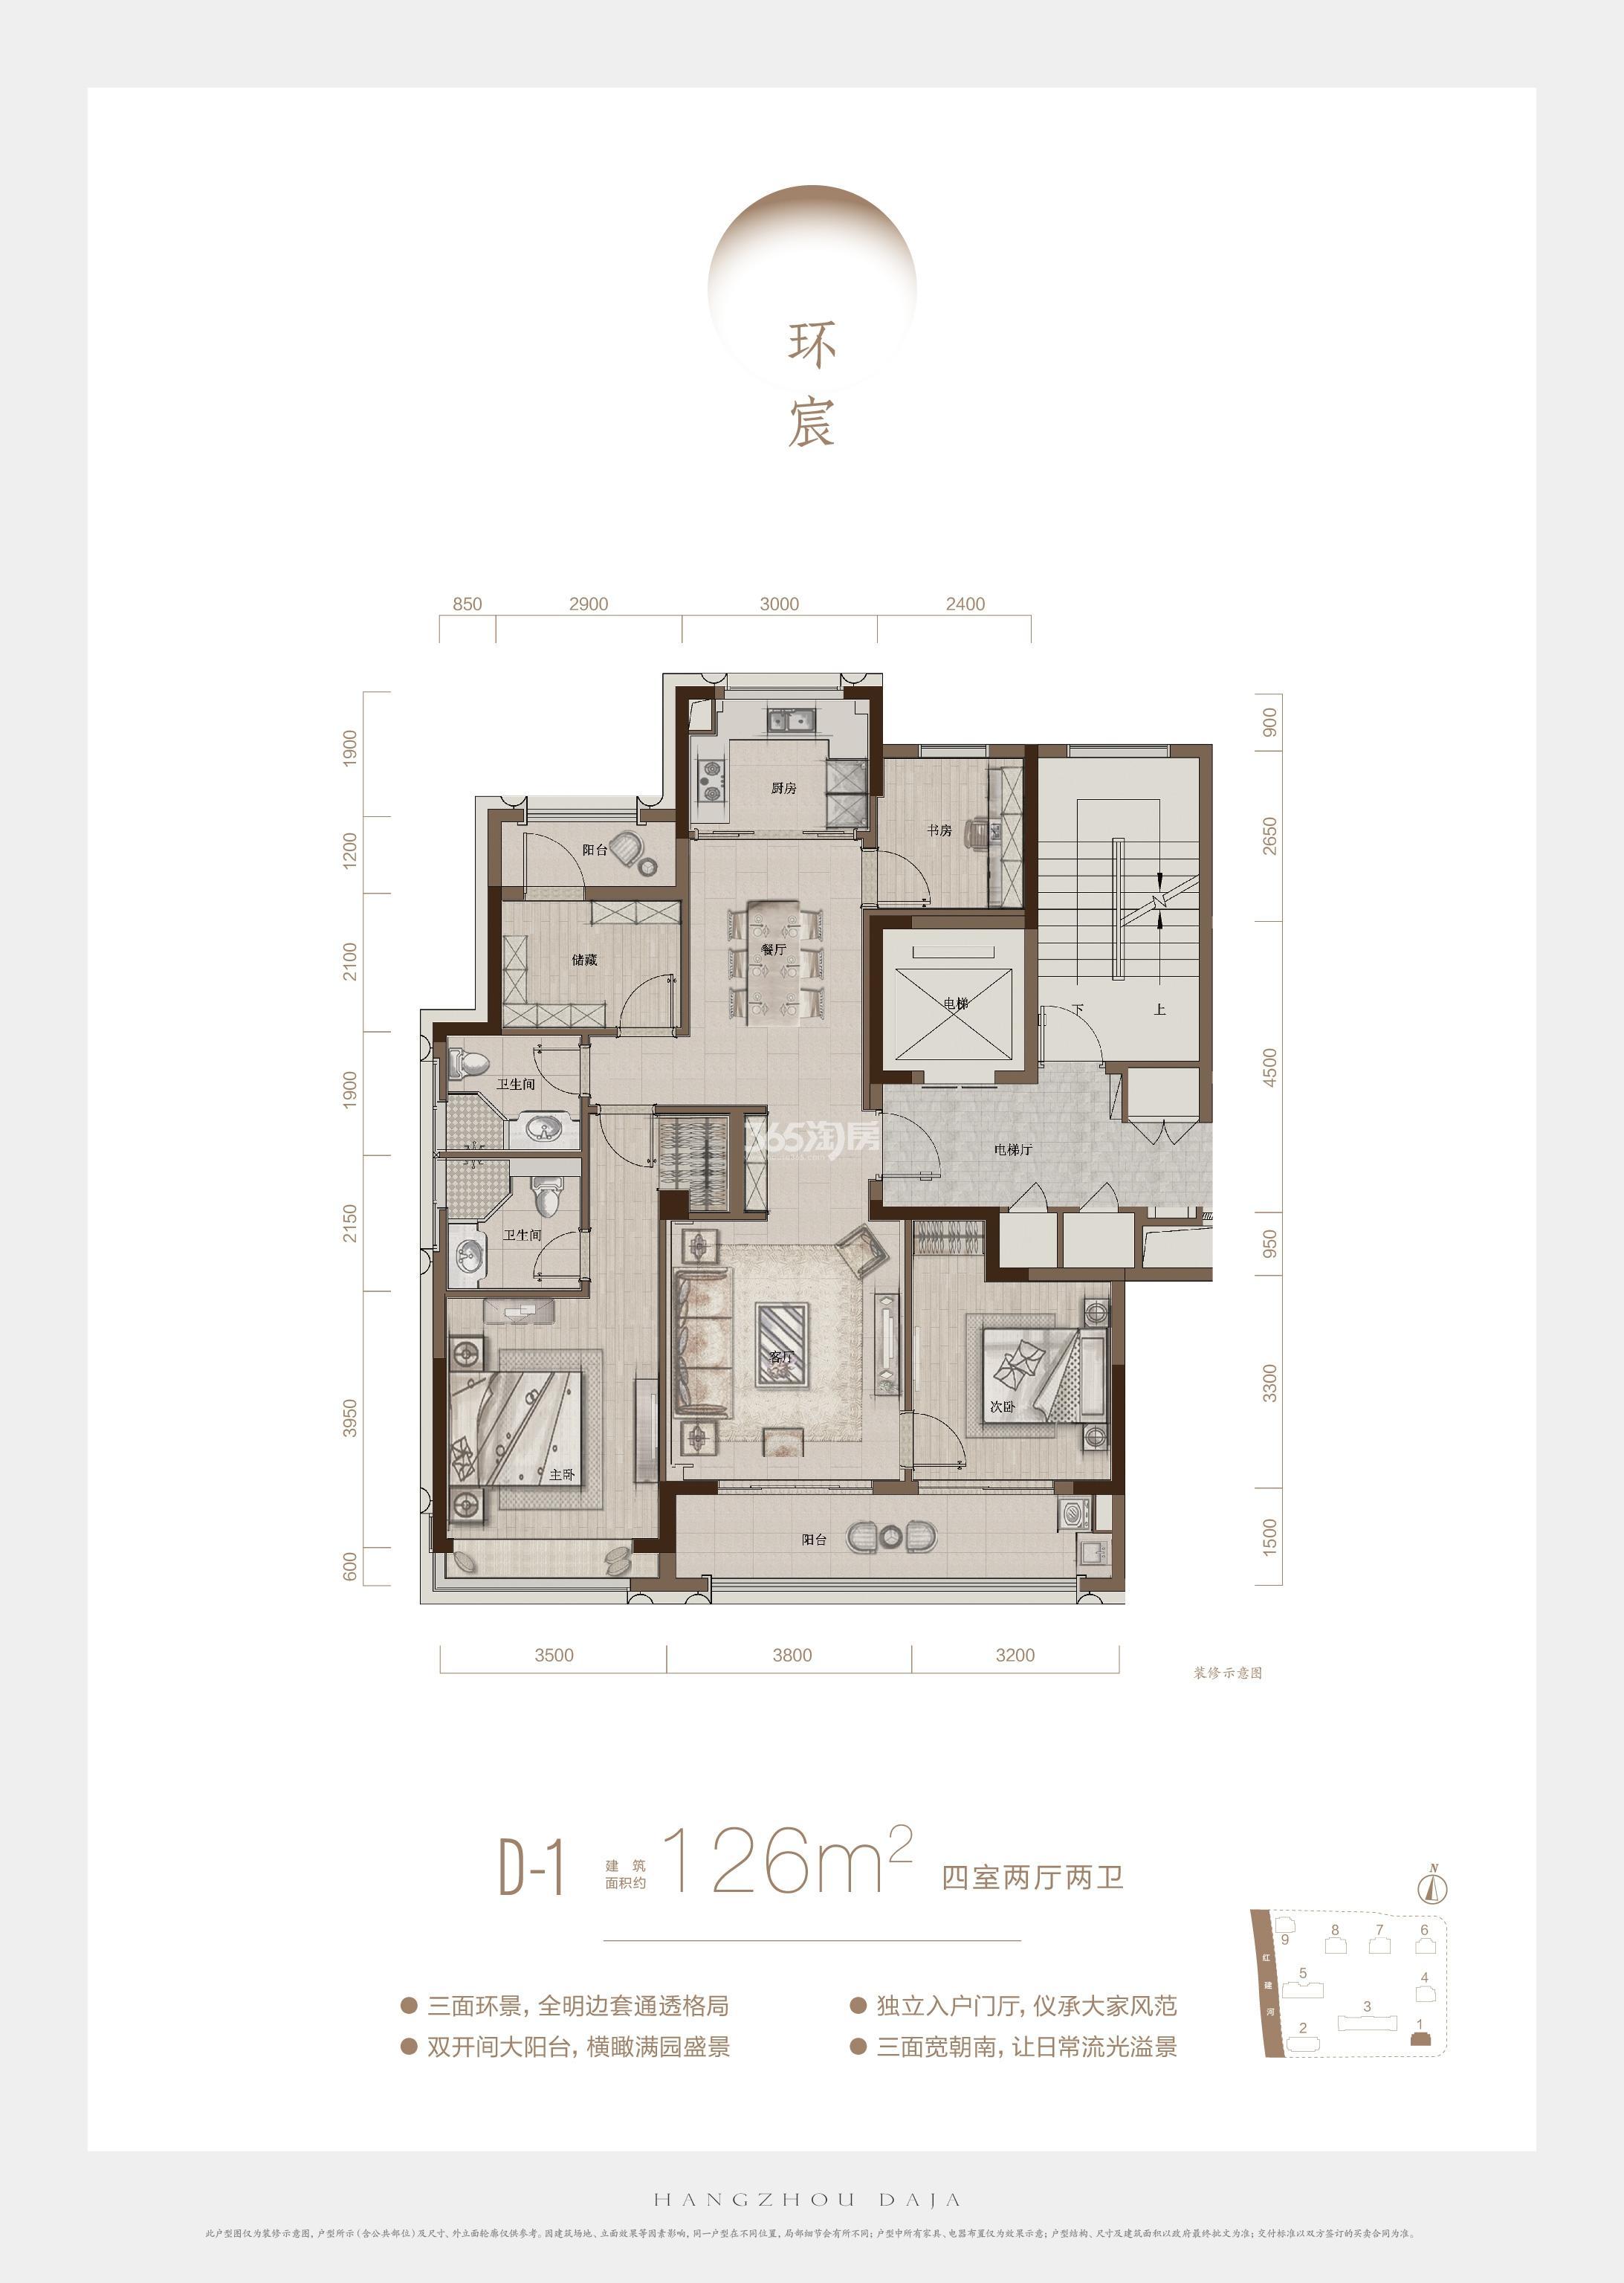 杭州大家高层1号楼D-1户型 约126㎡